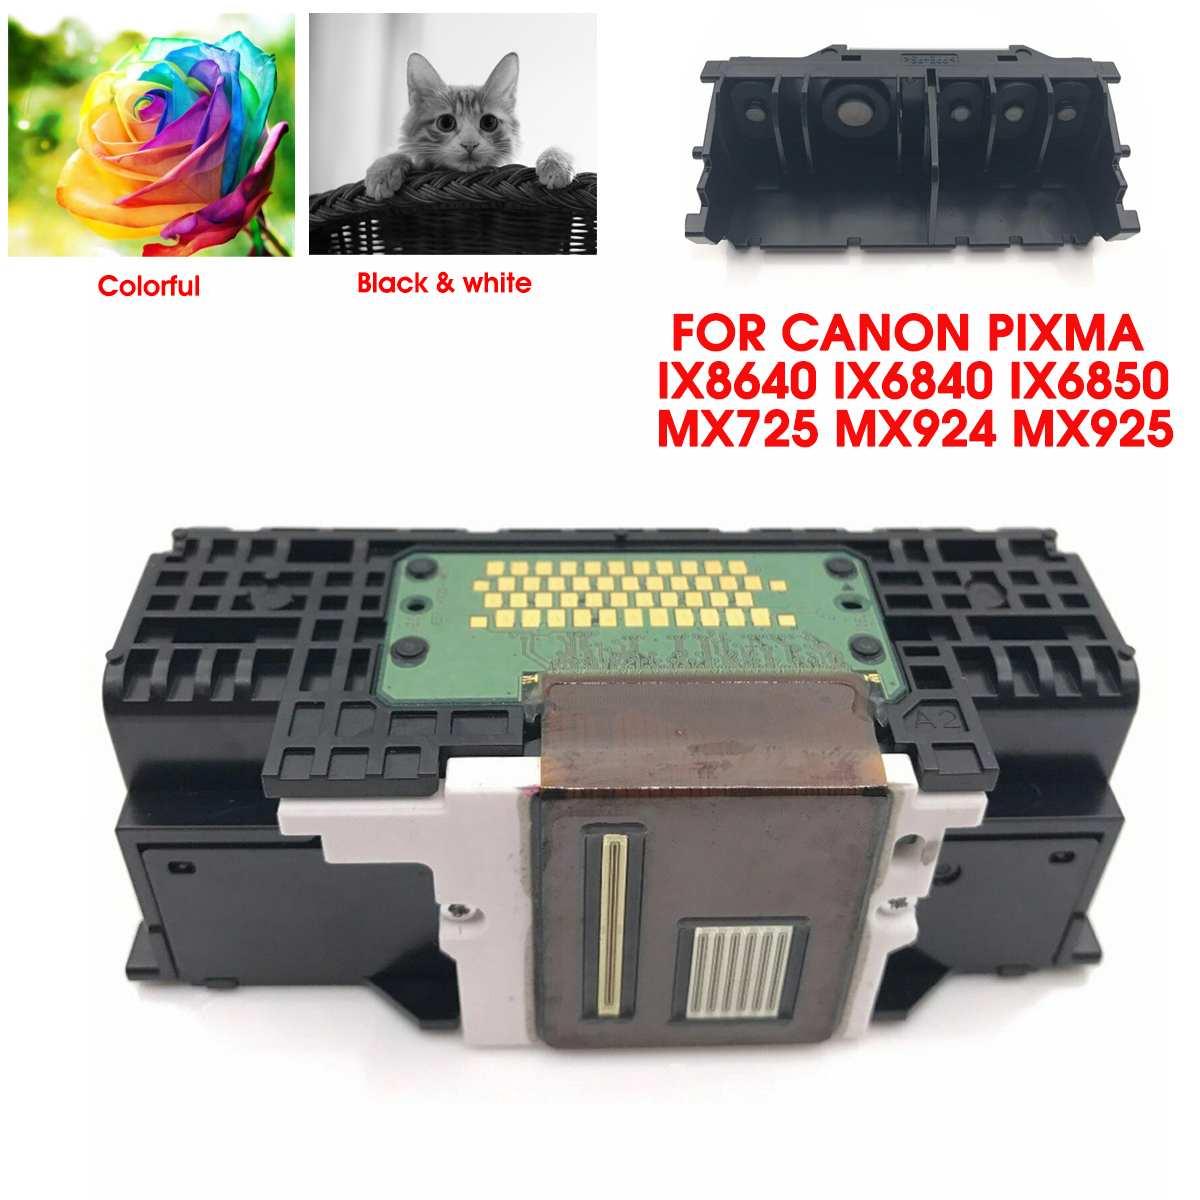 LEORY Printhead QY6-0086-000 Printer Print Head Printer Parts Assembly For Canon Pixma IX8640 IX6840 IX6850 MX725 MX924 MX925